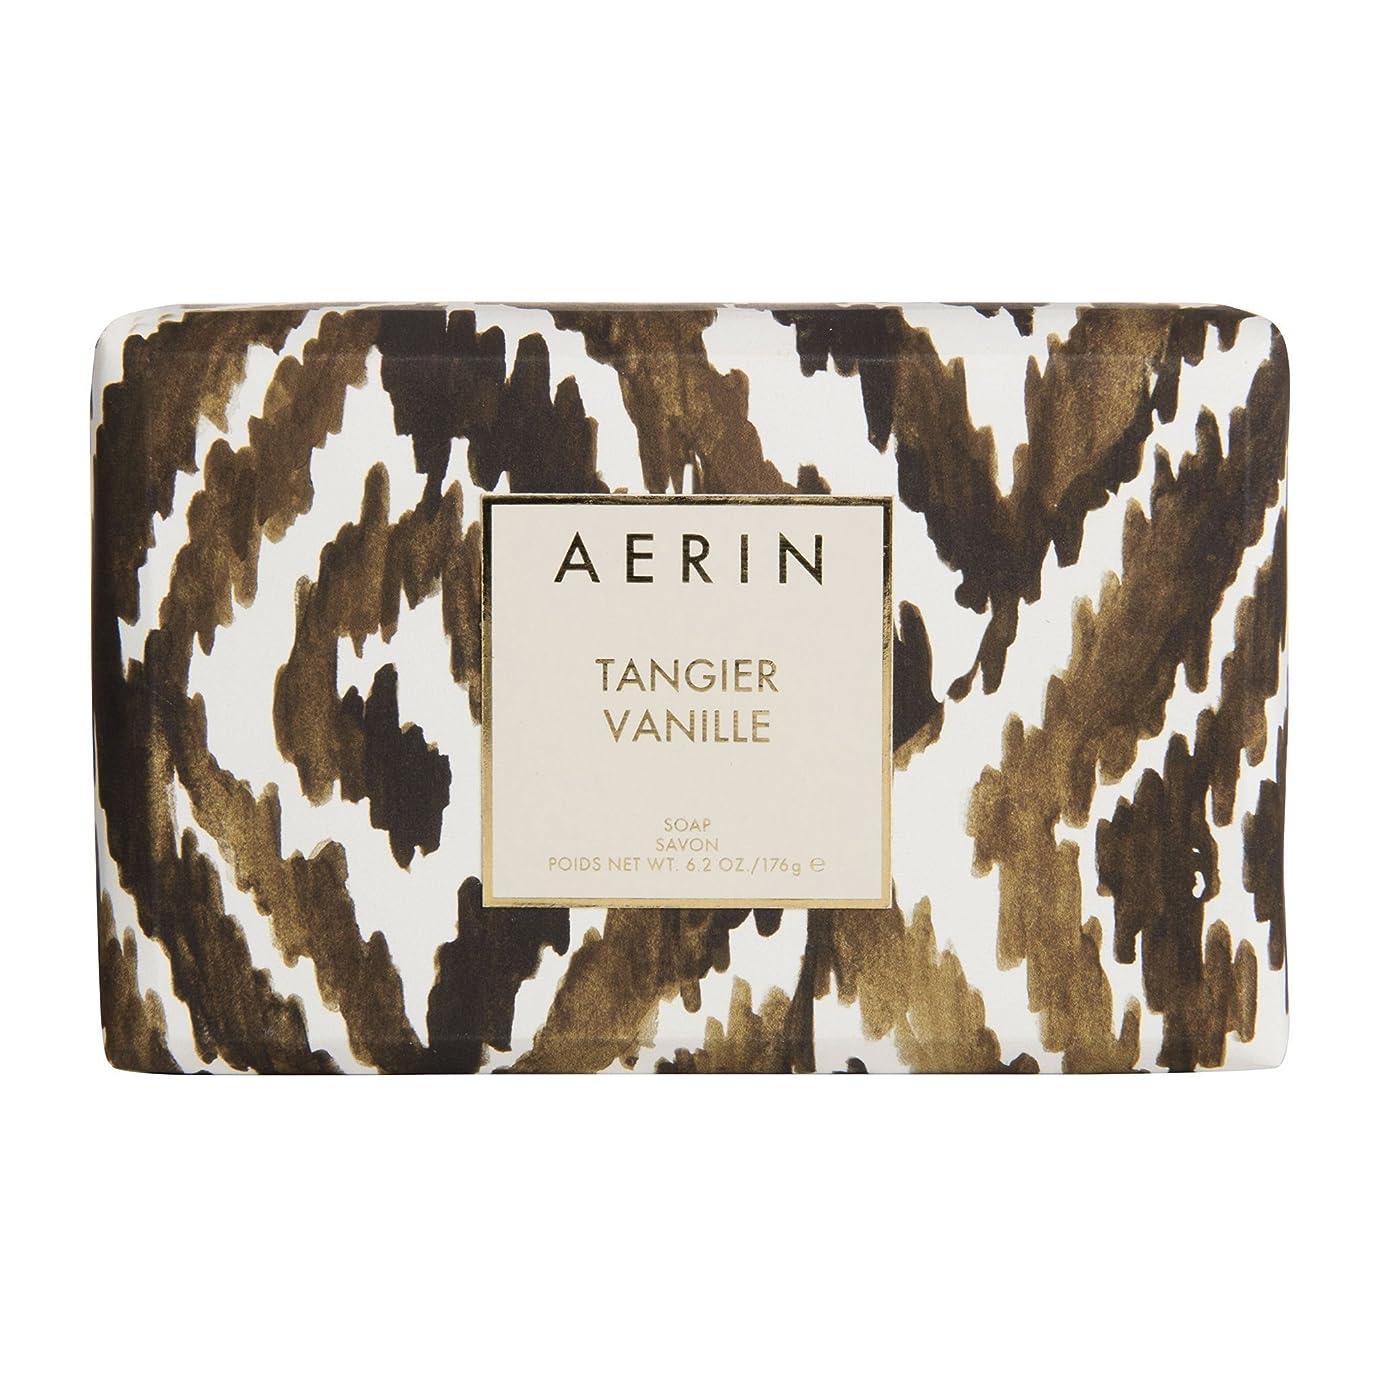 軍想定する省略するAERIN Tangier Vanille (アエリン タンジヤー バニール) 6.2 oz (186ml) Soap 固形石鹸 by Estee Lauder for Women